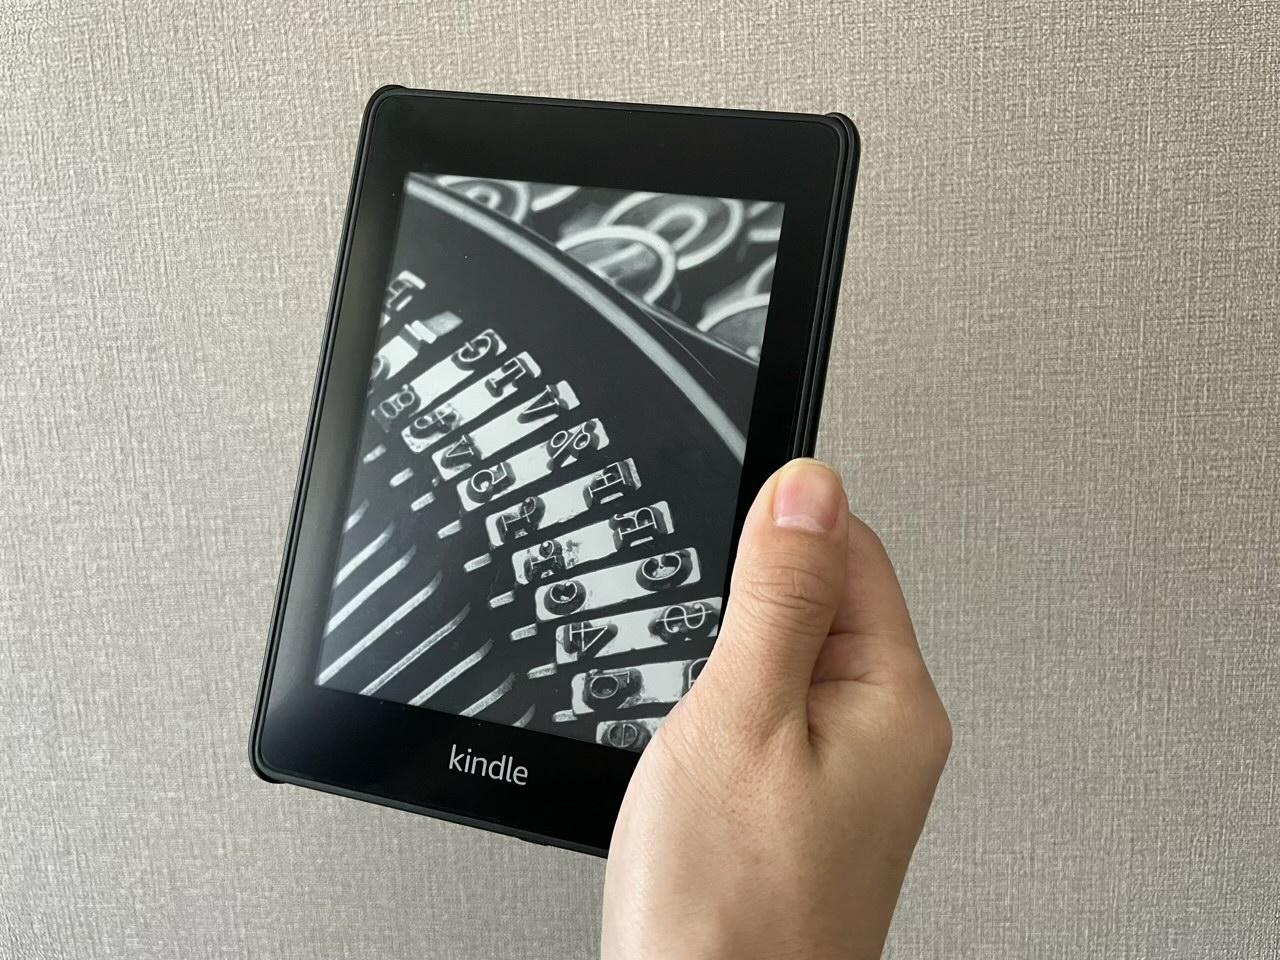 まとめ:Kindle Paperwhiteは身軽に快適な読書をしたい方におすすめ!